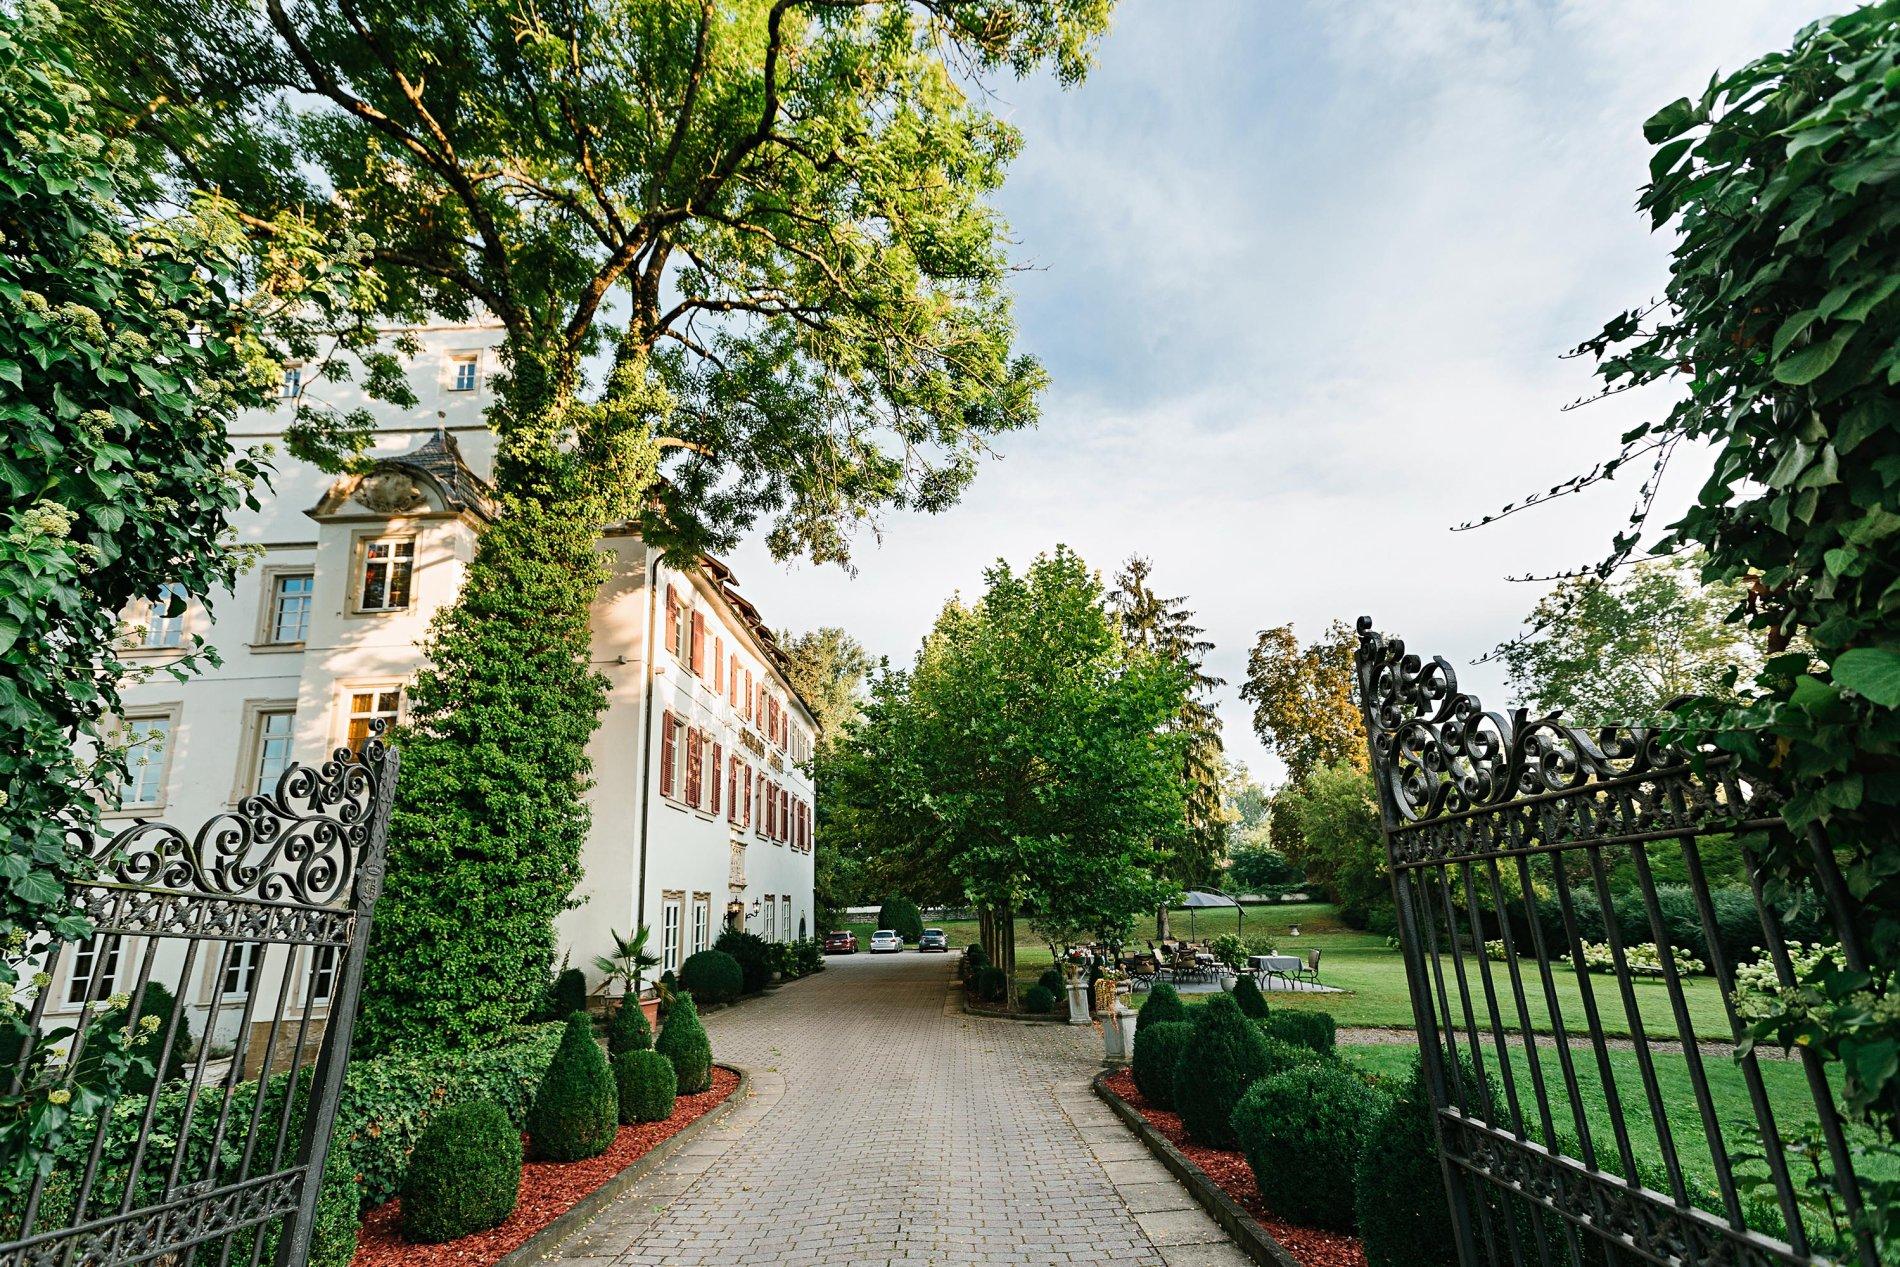 Welcome Hotel Schloss Lehen - Bad Friedrichshall - Hofauffahrt